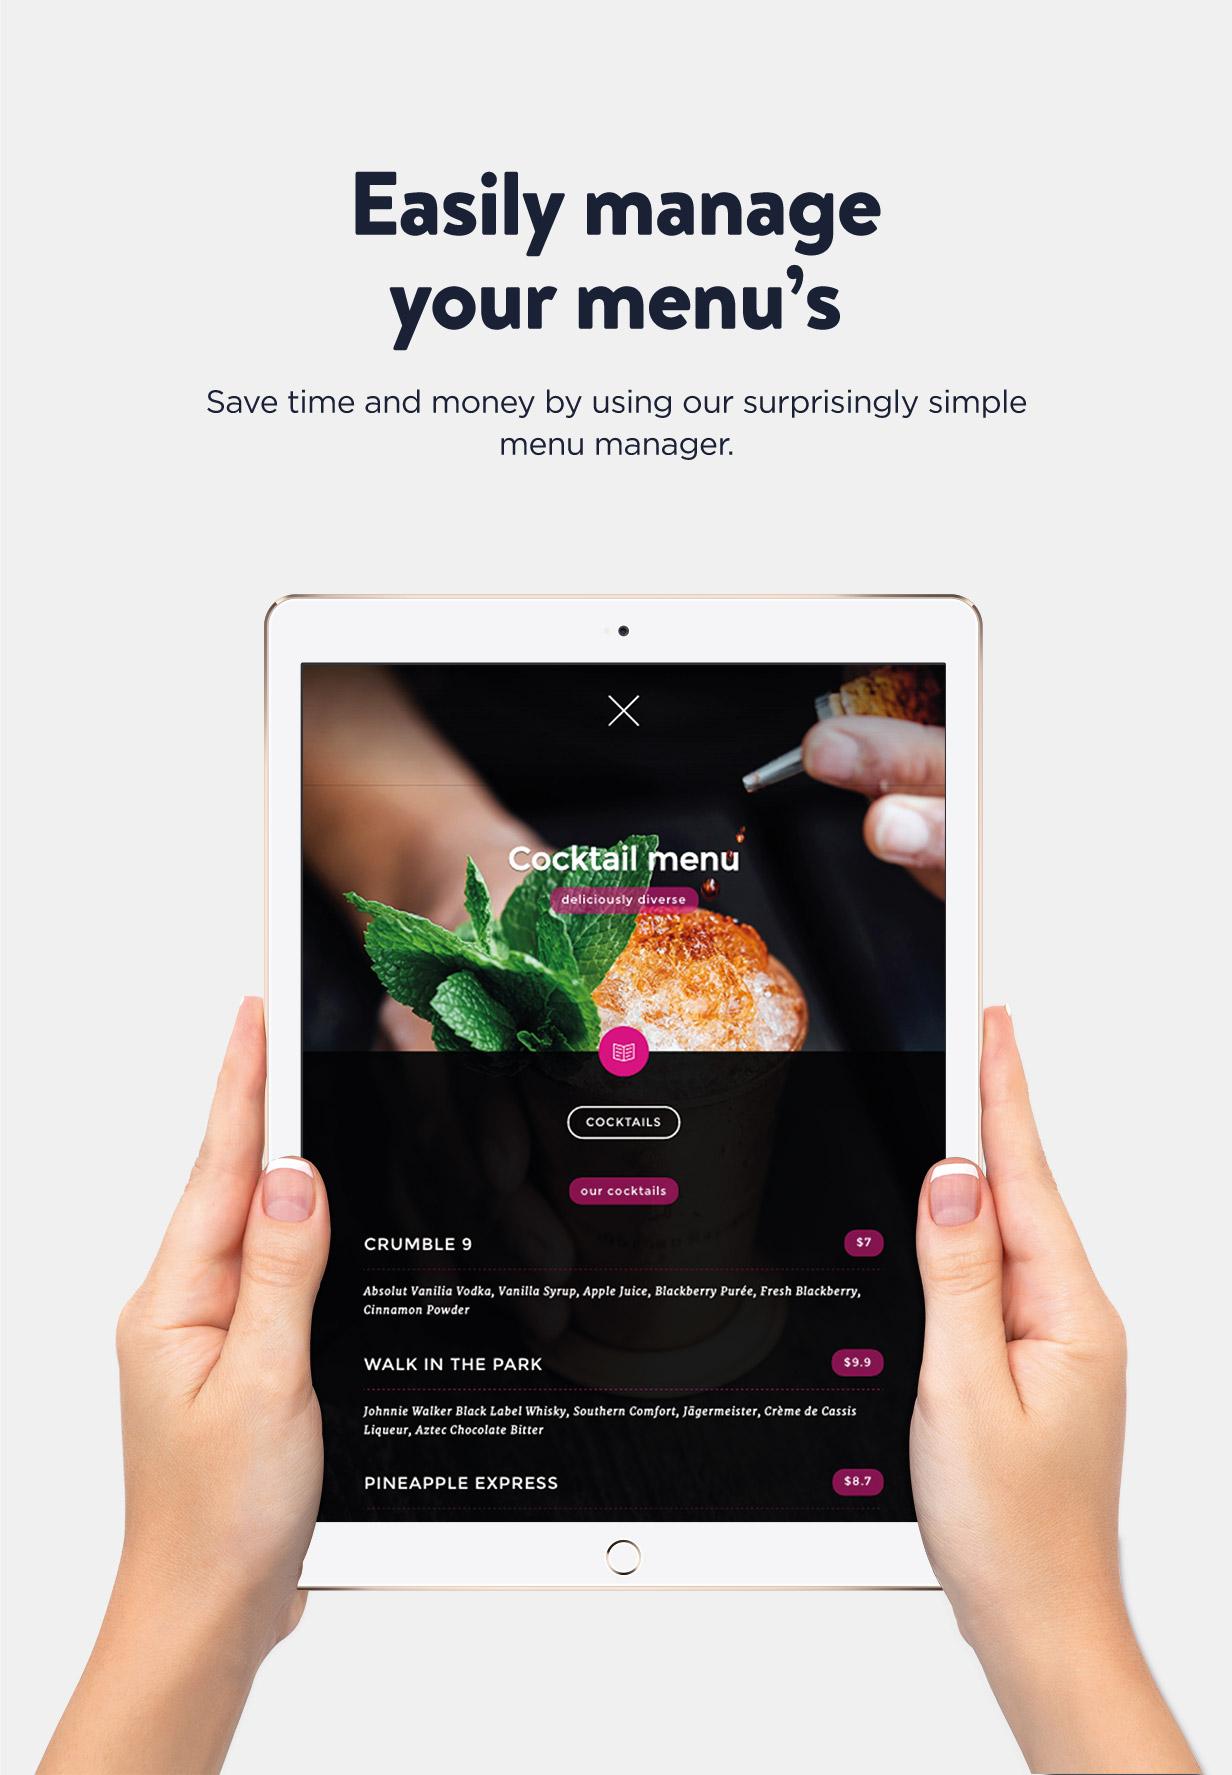 Ambiance Restaurant menu management